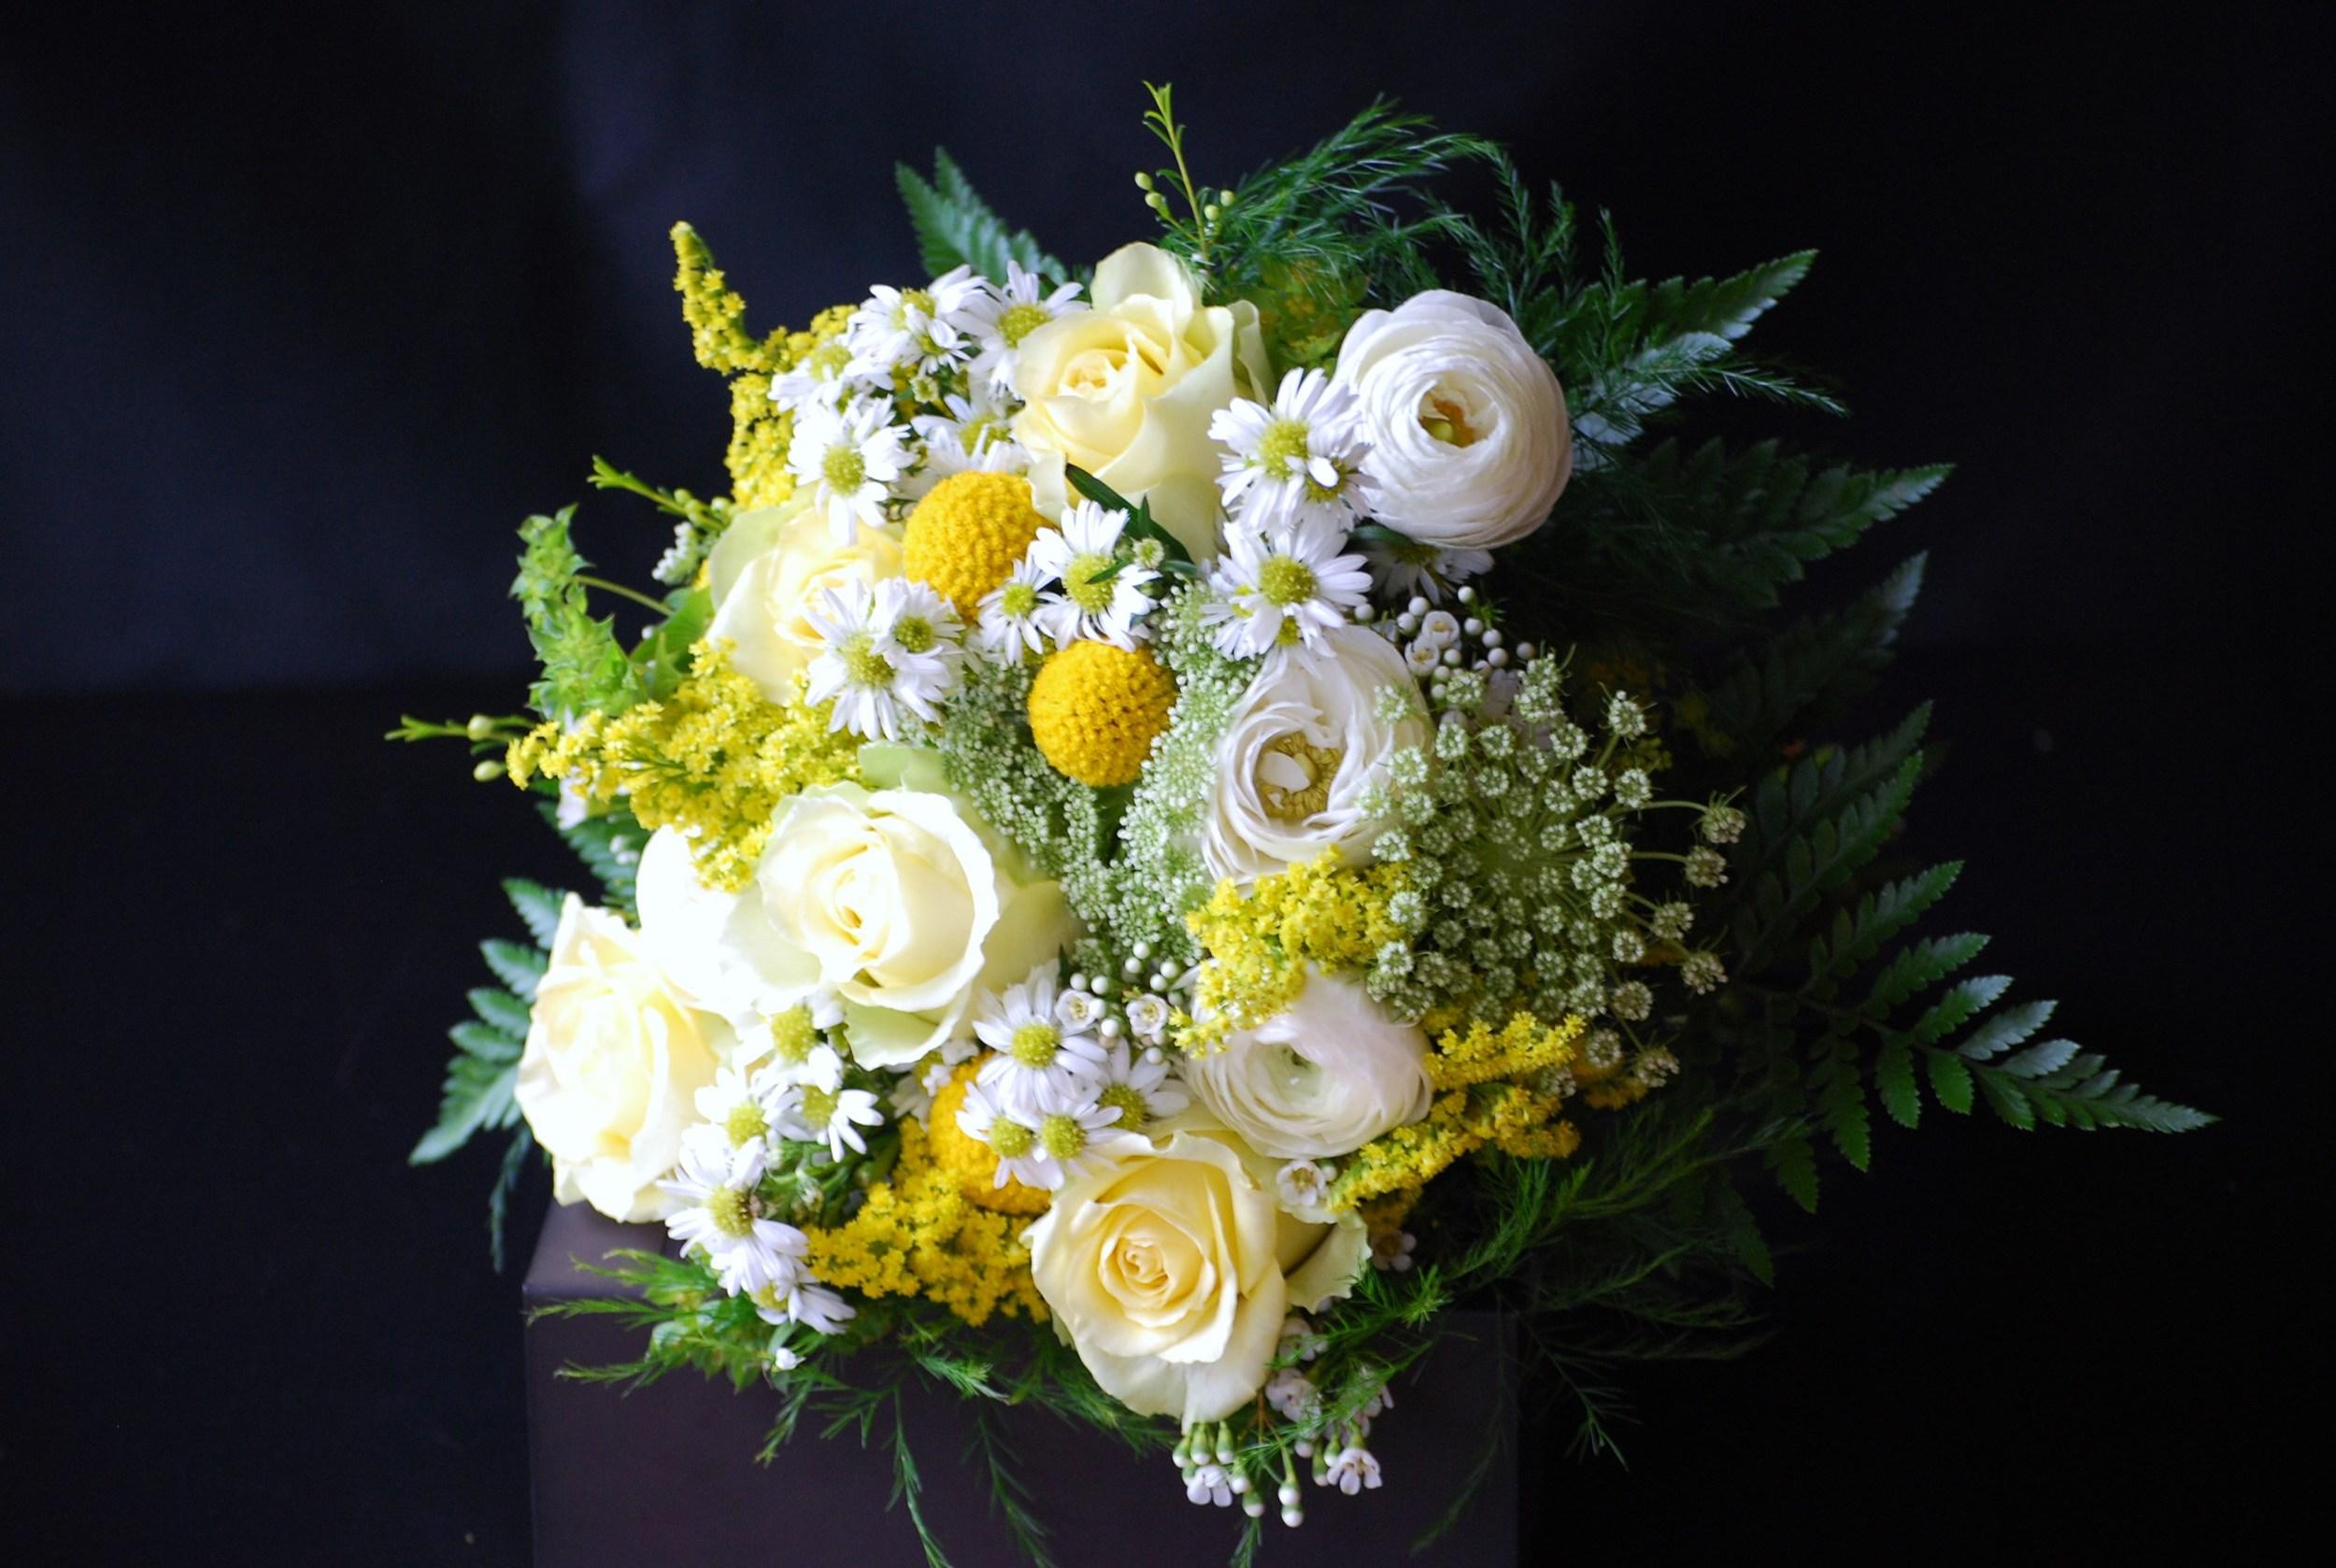 floral Design by Lili, Brides bouquet